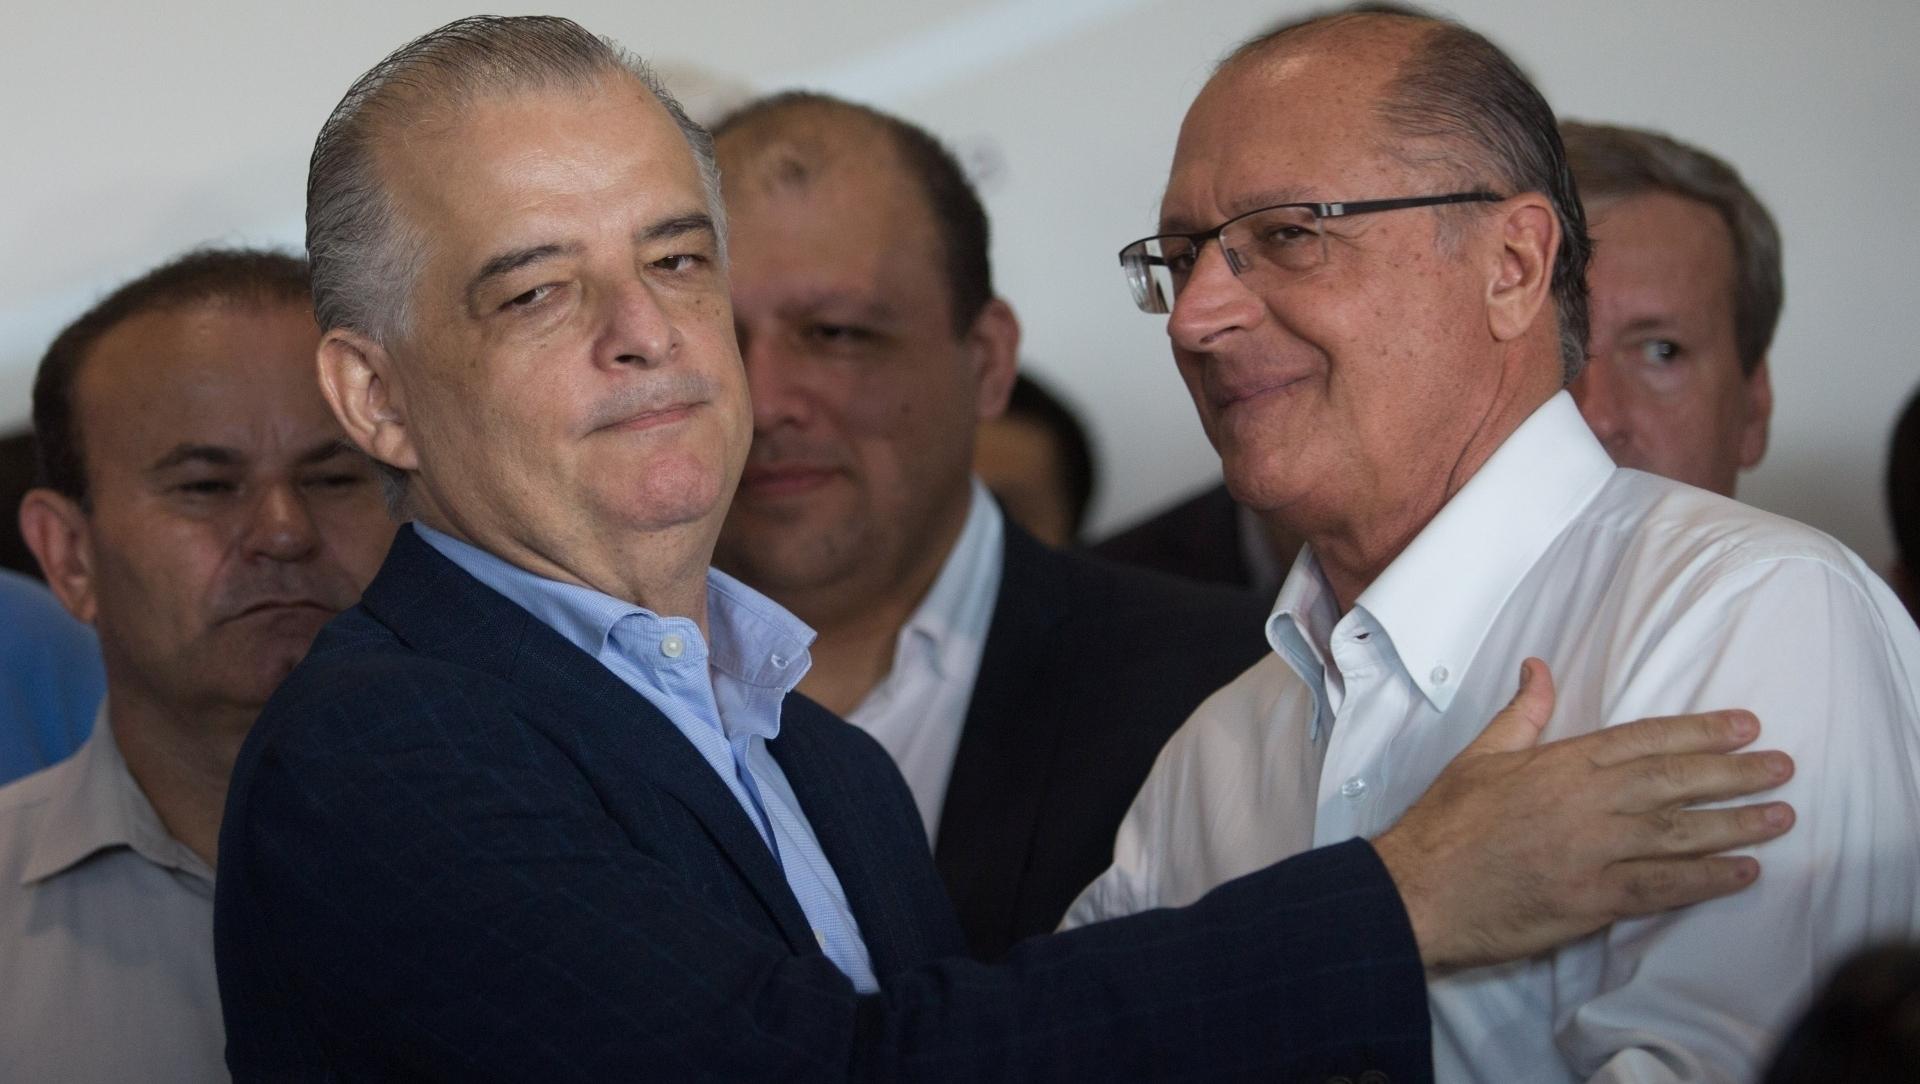 Pesquisa mostra Alckmin em 1º lugar pra governador de SP. Supera França, Haddad e Boulos